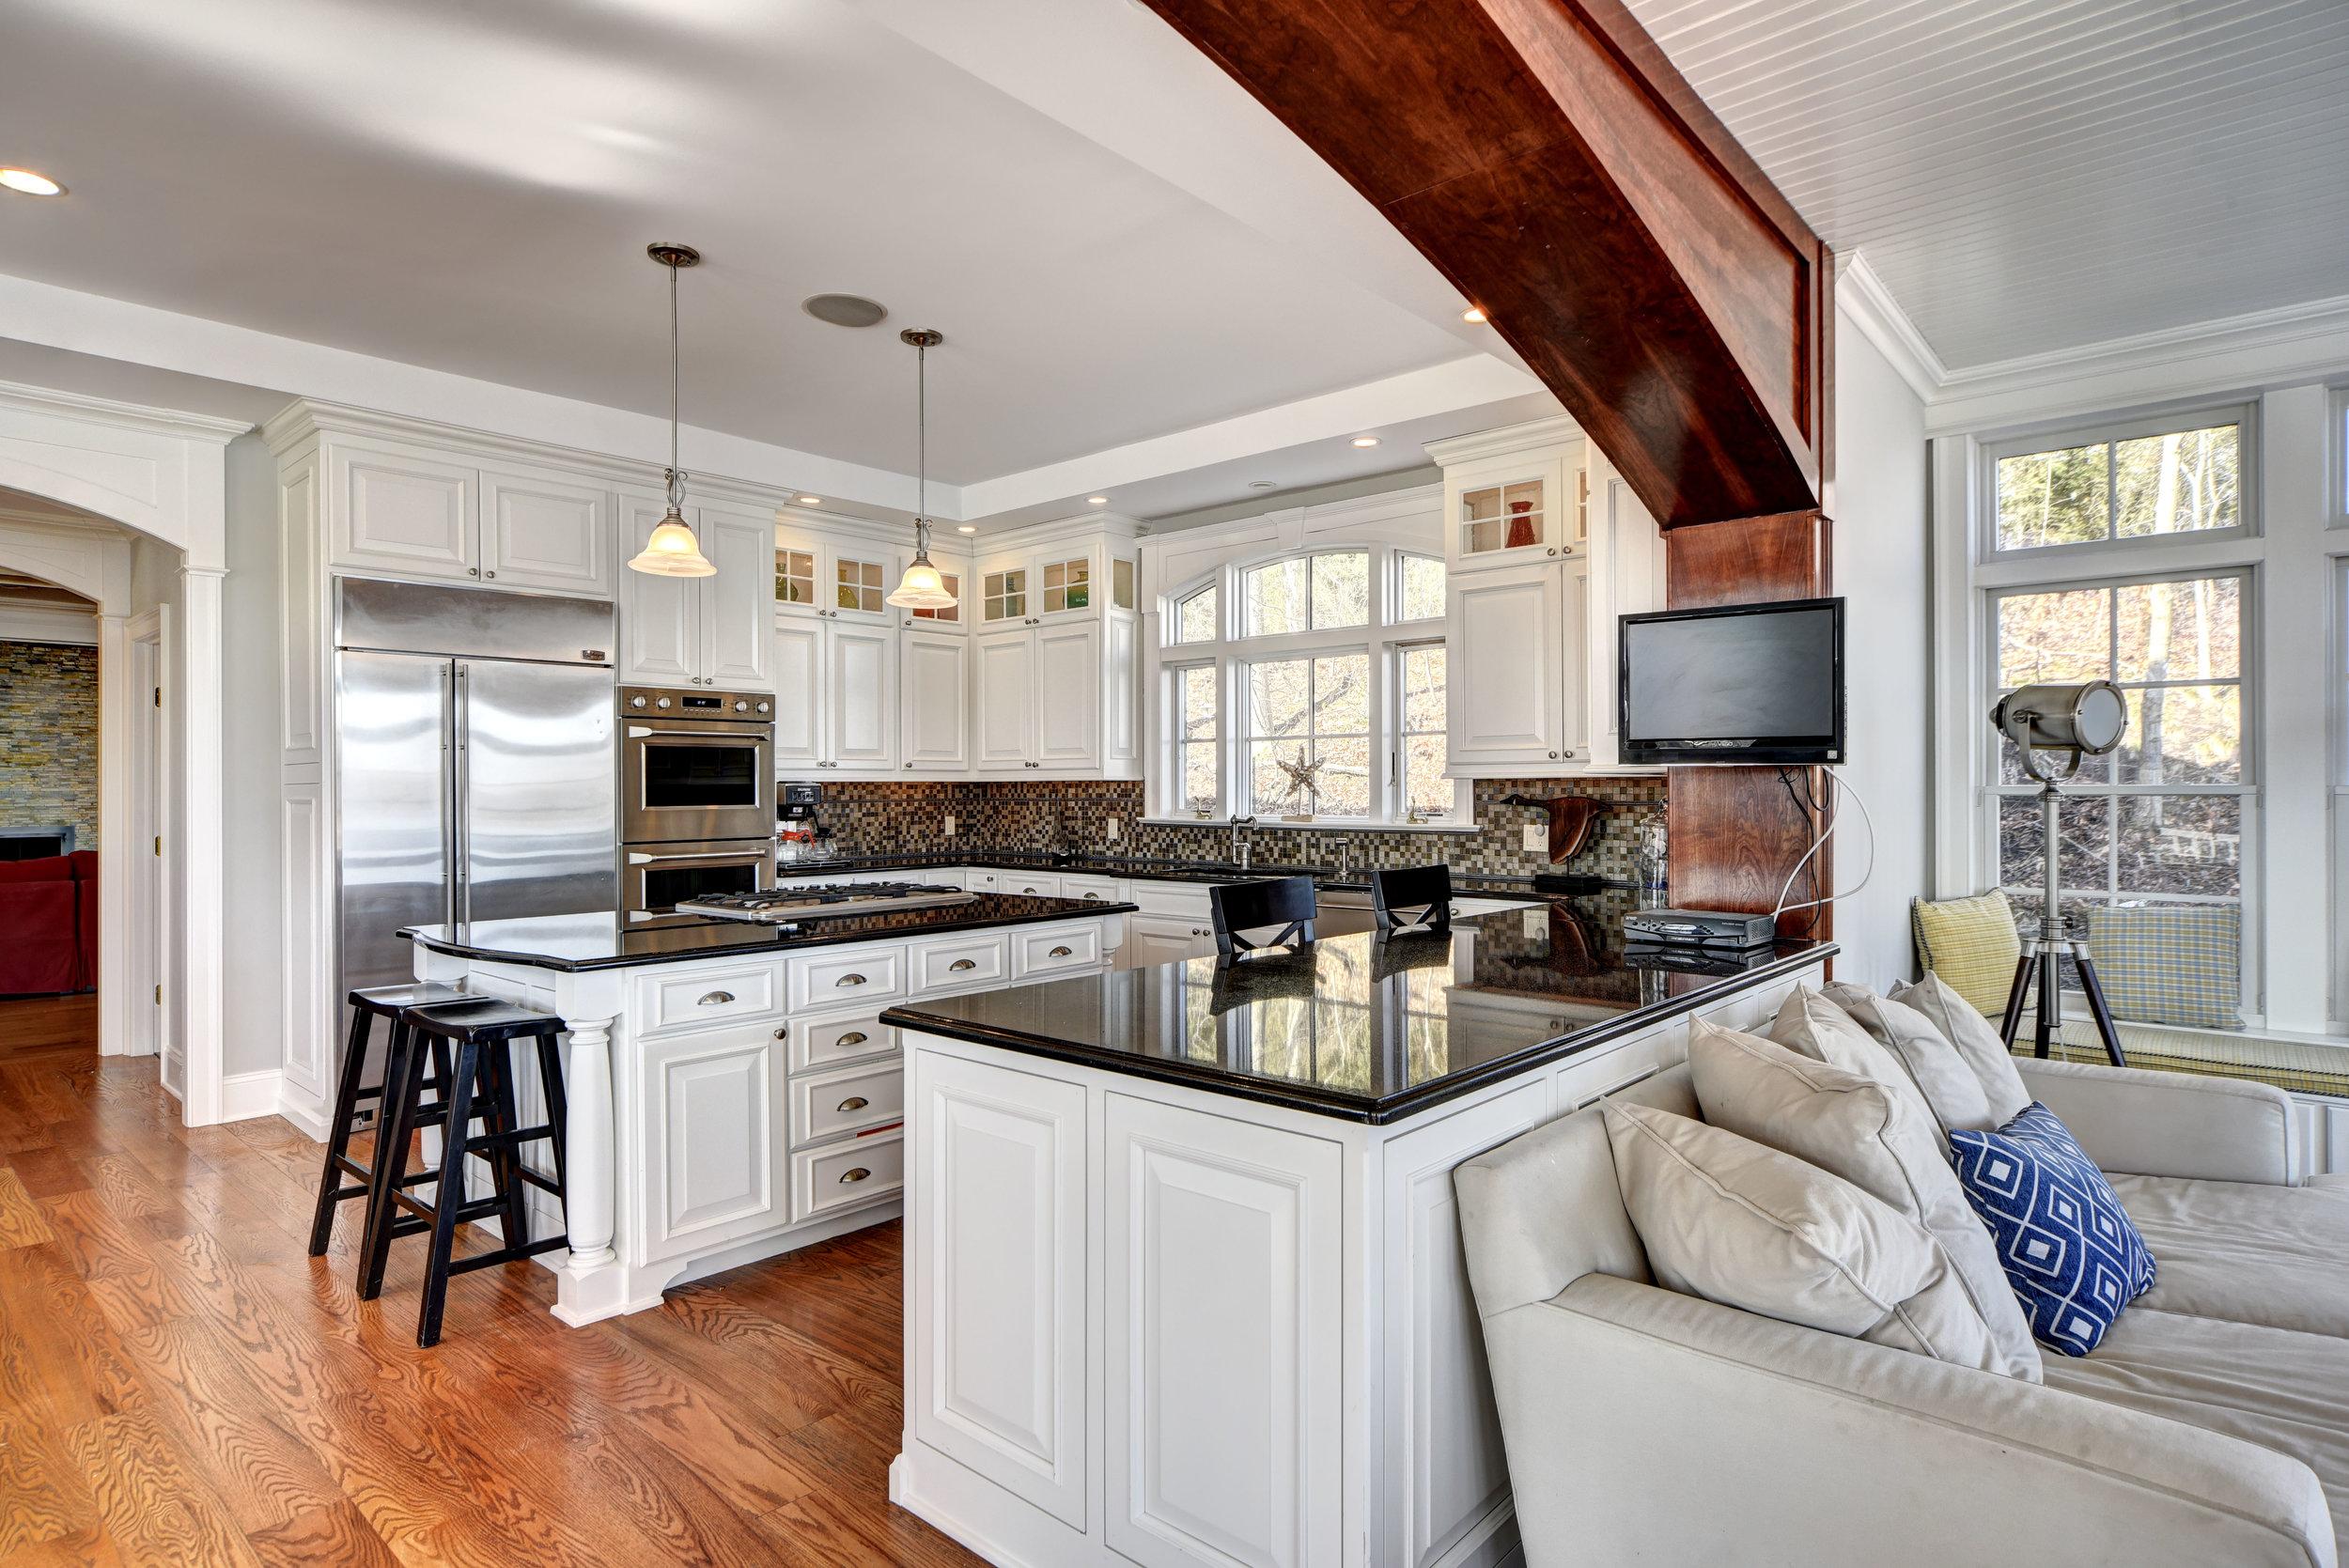 29 Winthrop Rd kitchen.jpg